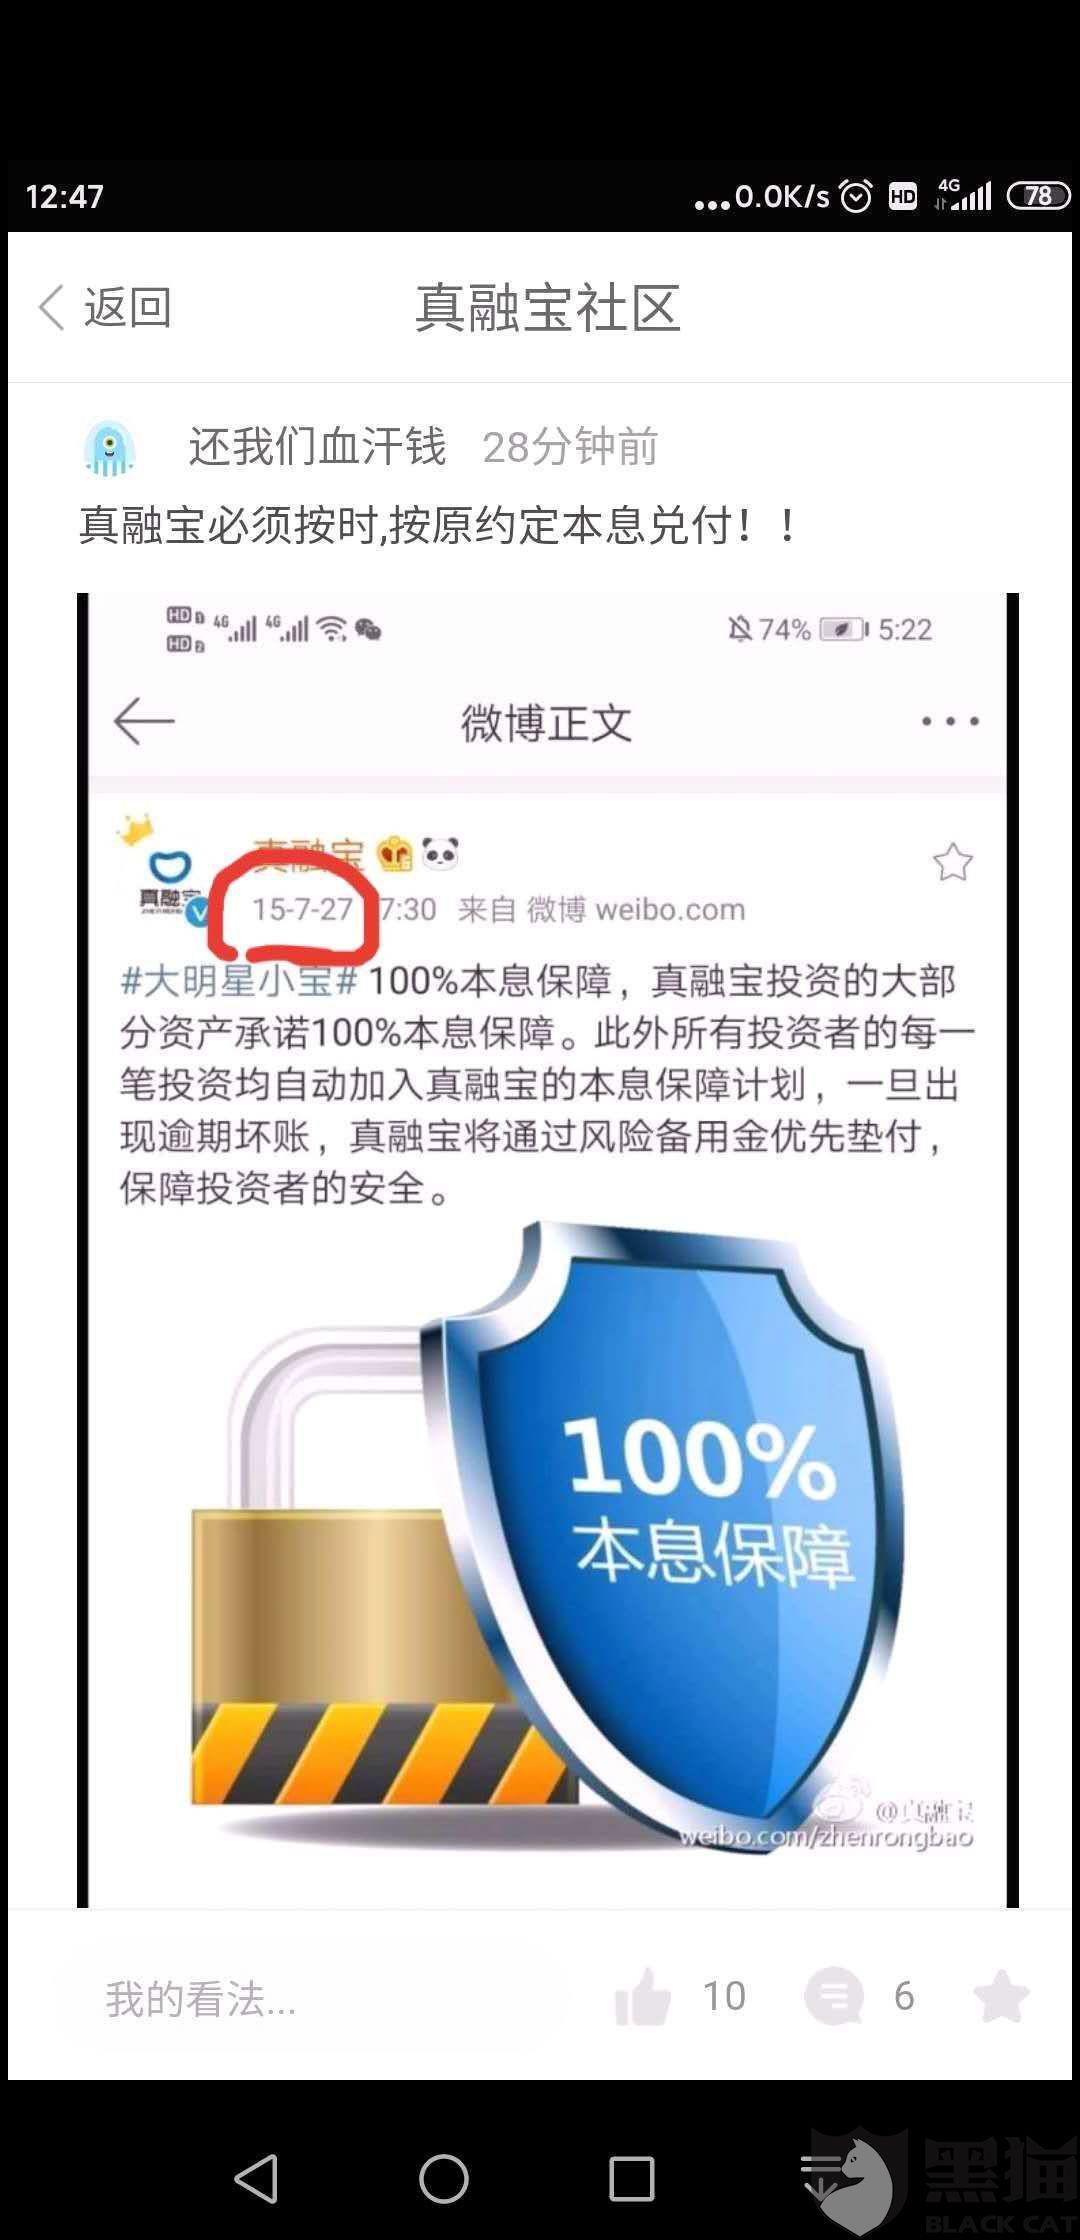 黑猫投诉:北京快快网络技术有限公司,真融宝平台单方面违约逾期到期不还款